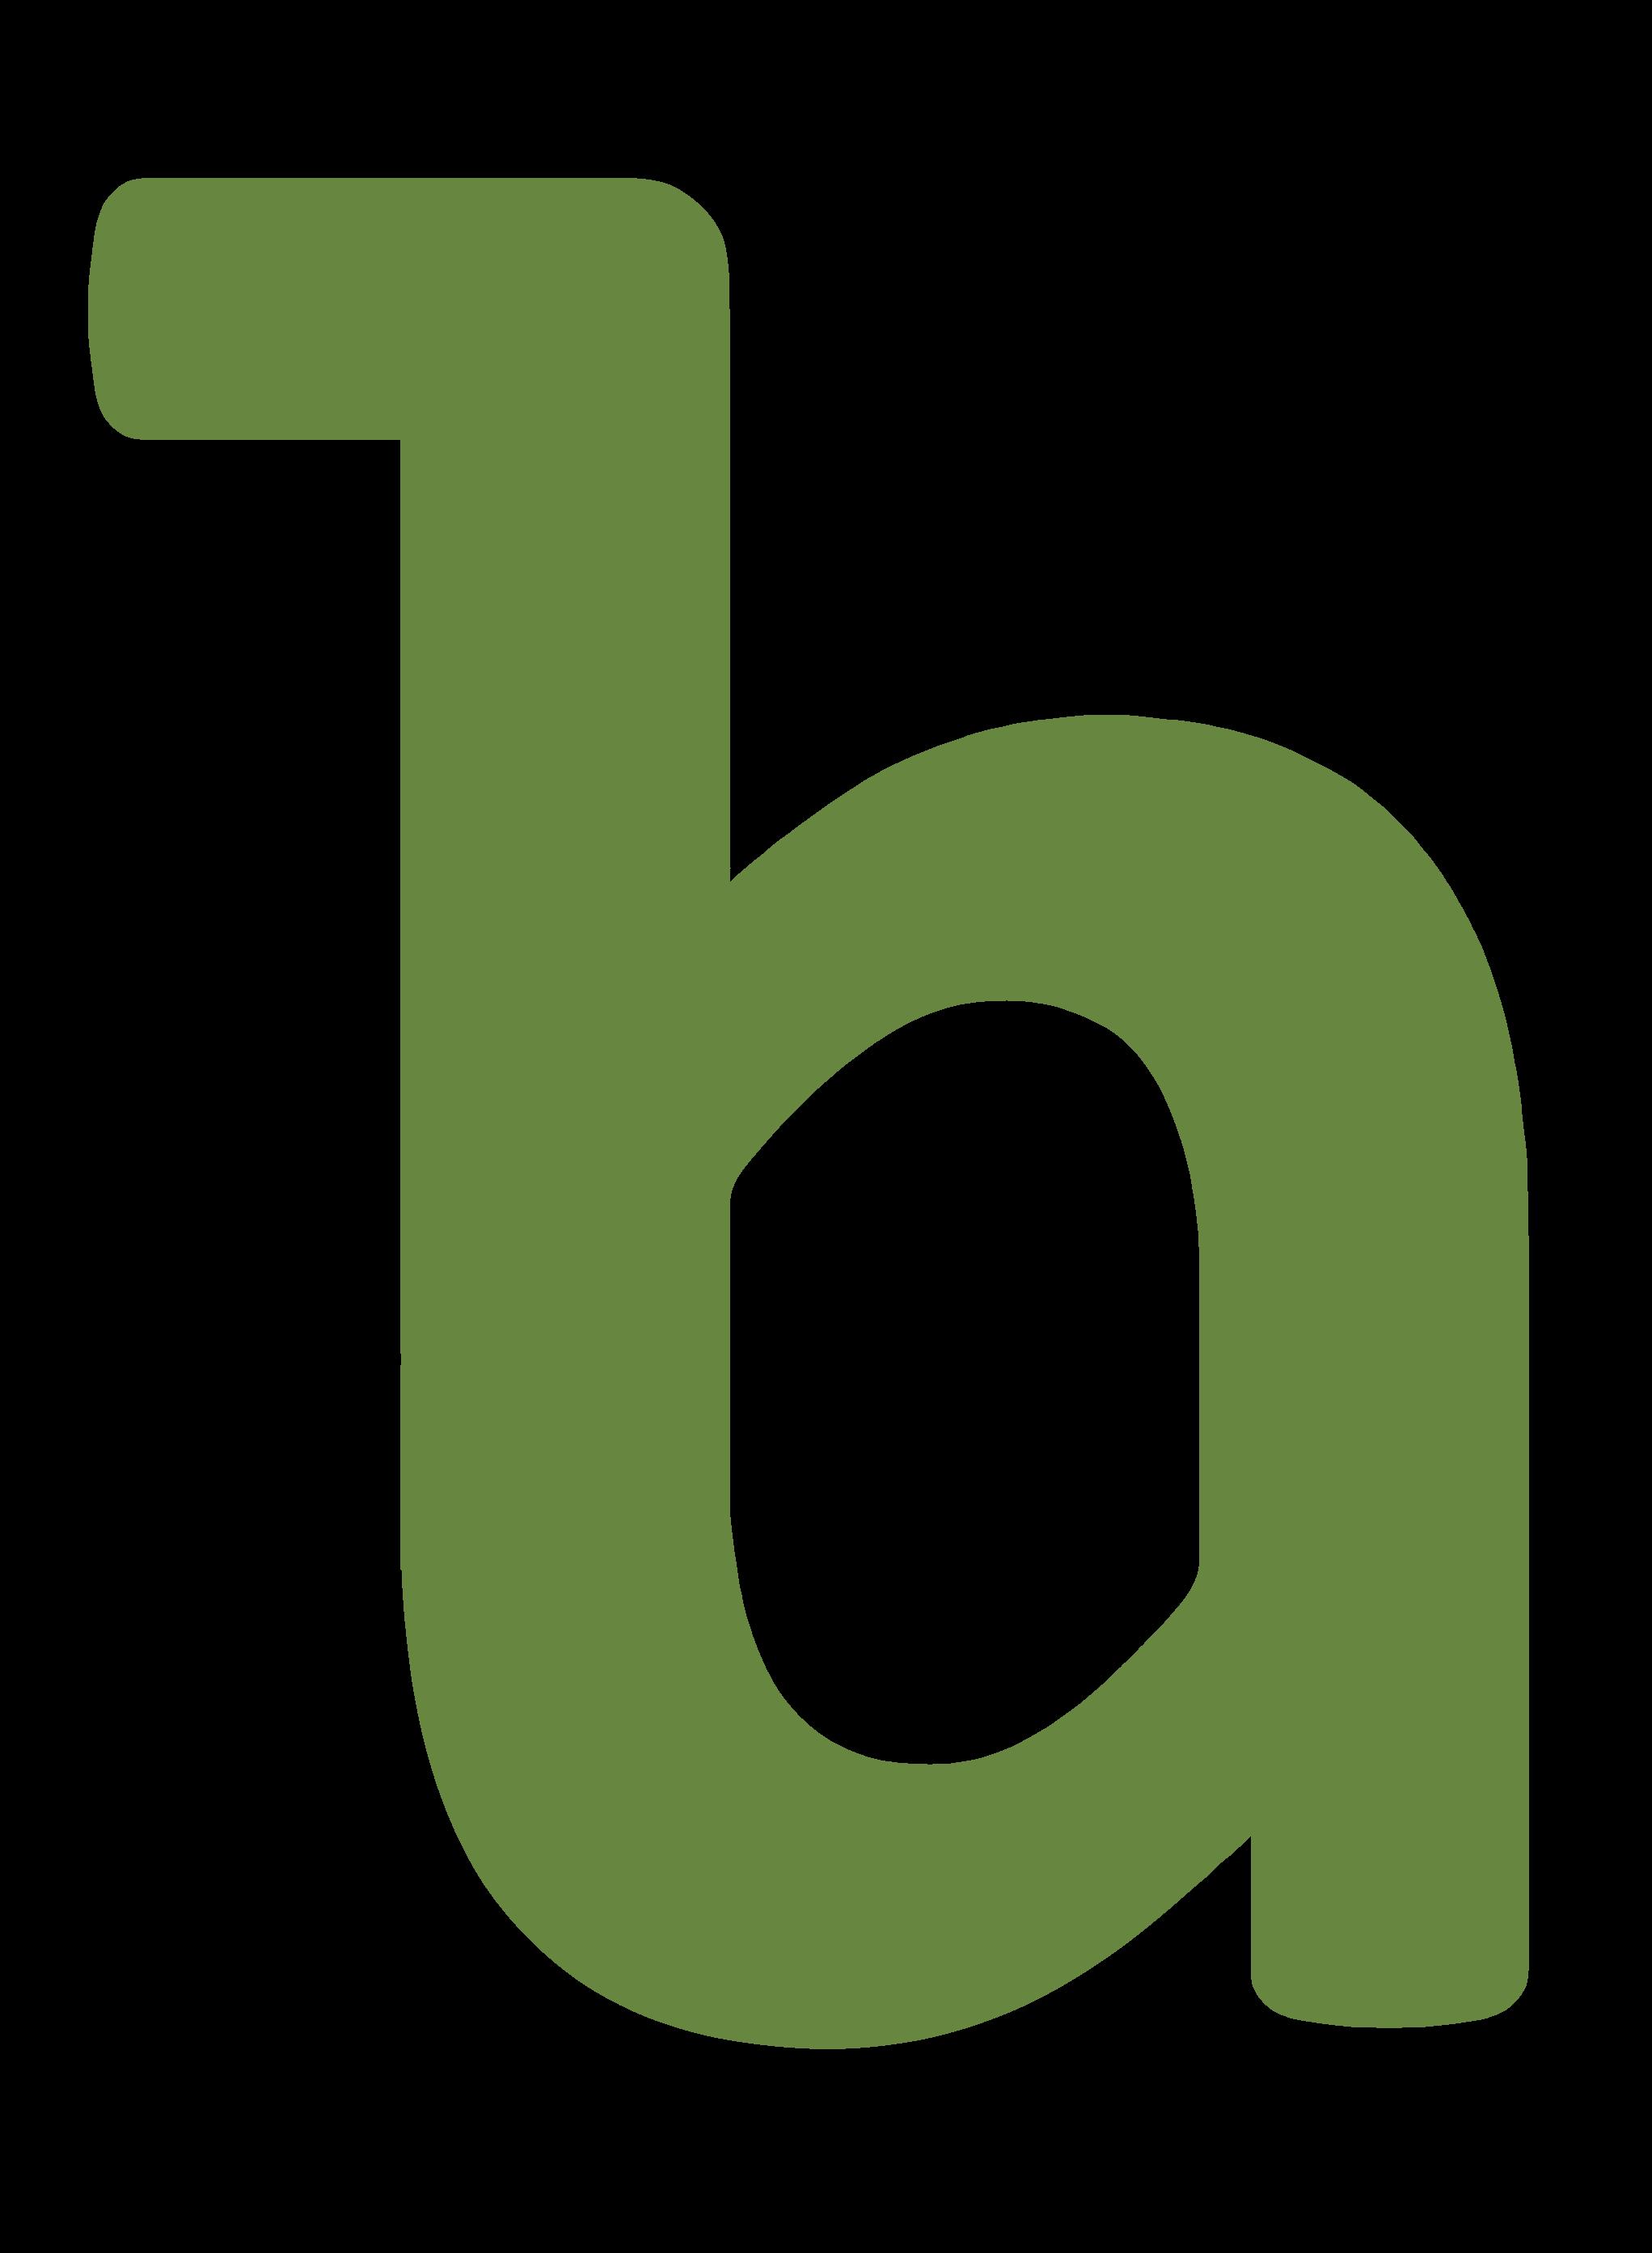 Bioabundance